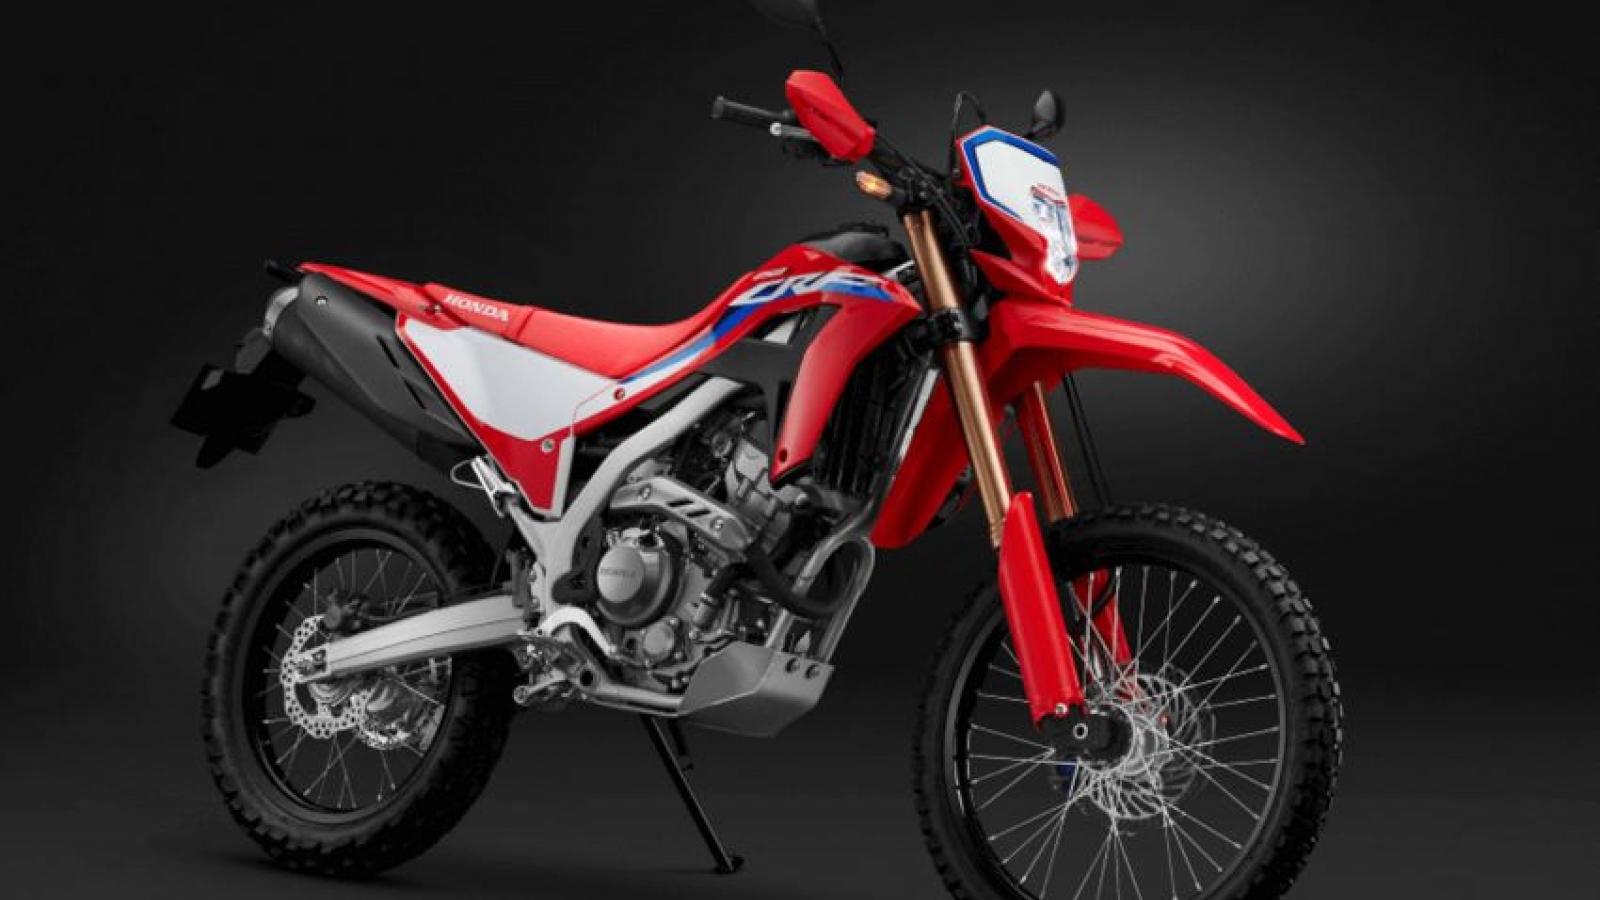 Bộ đôi Honda CRF250L và CRF250L Rally 2021 chính thức ra mắt